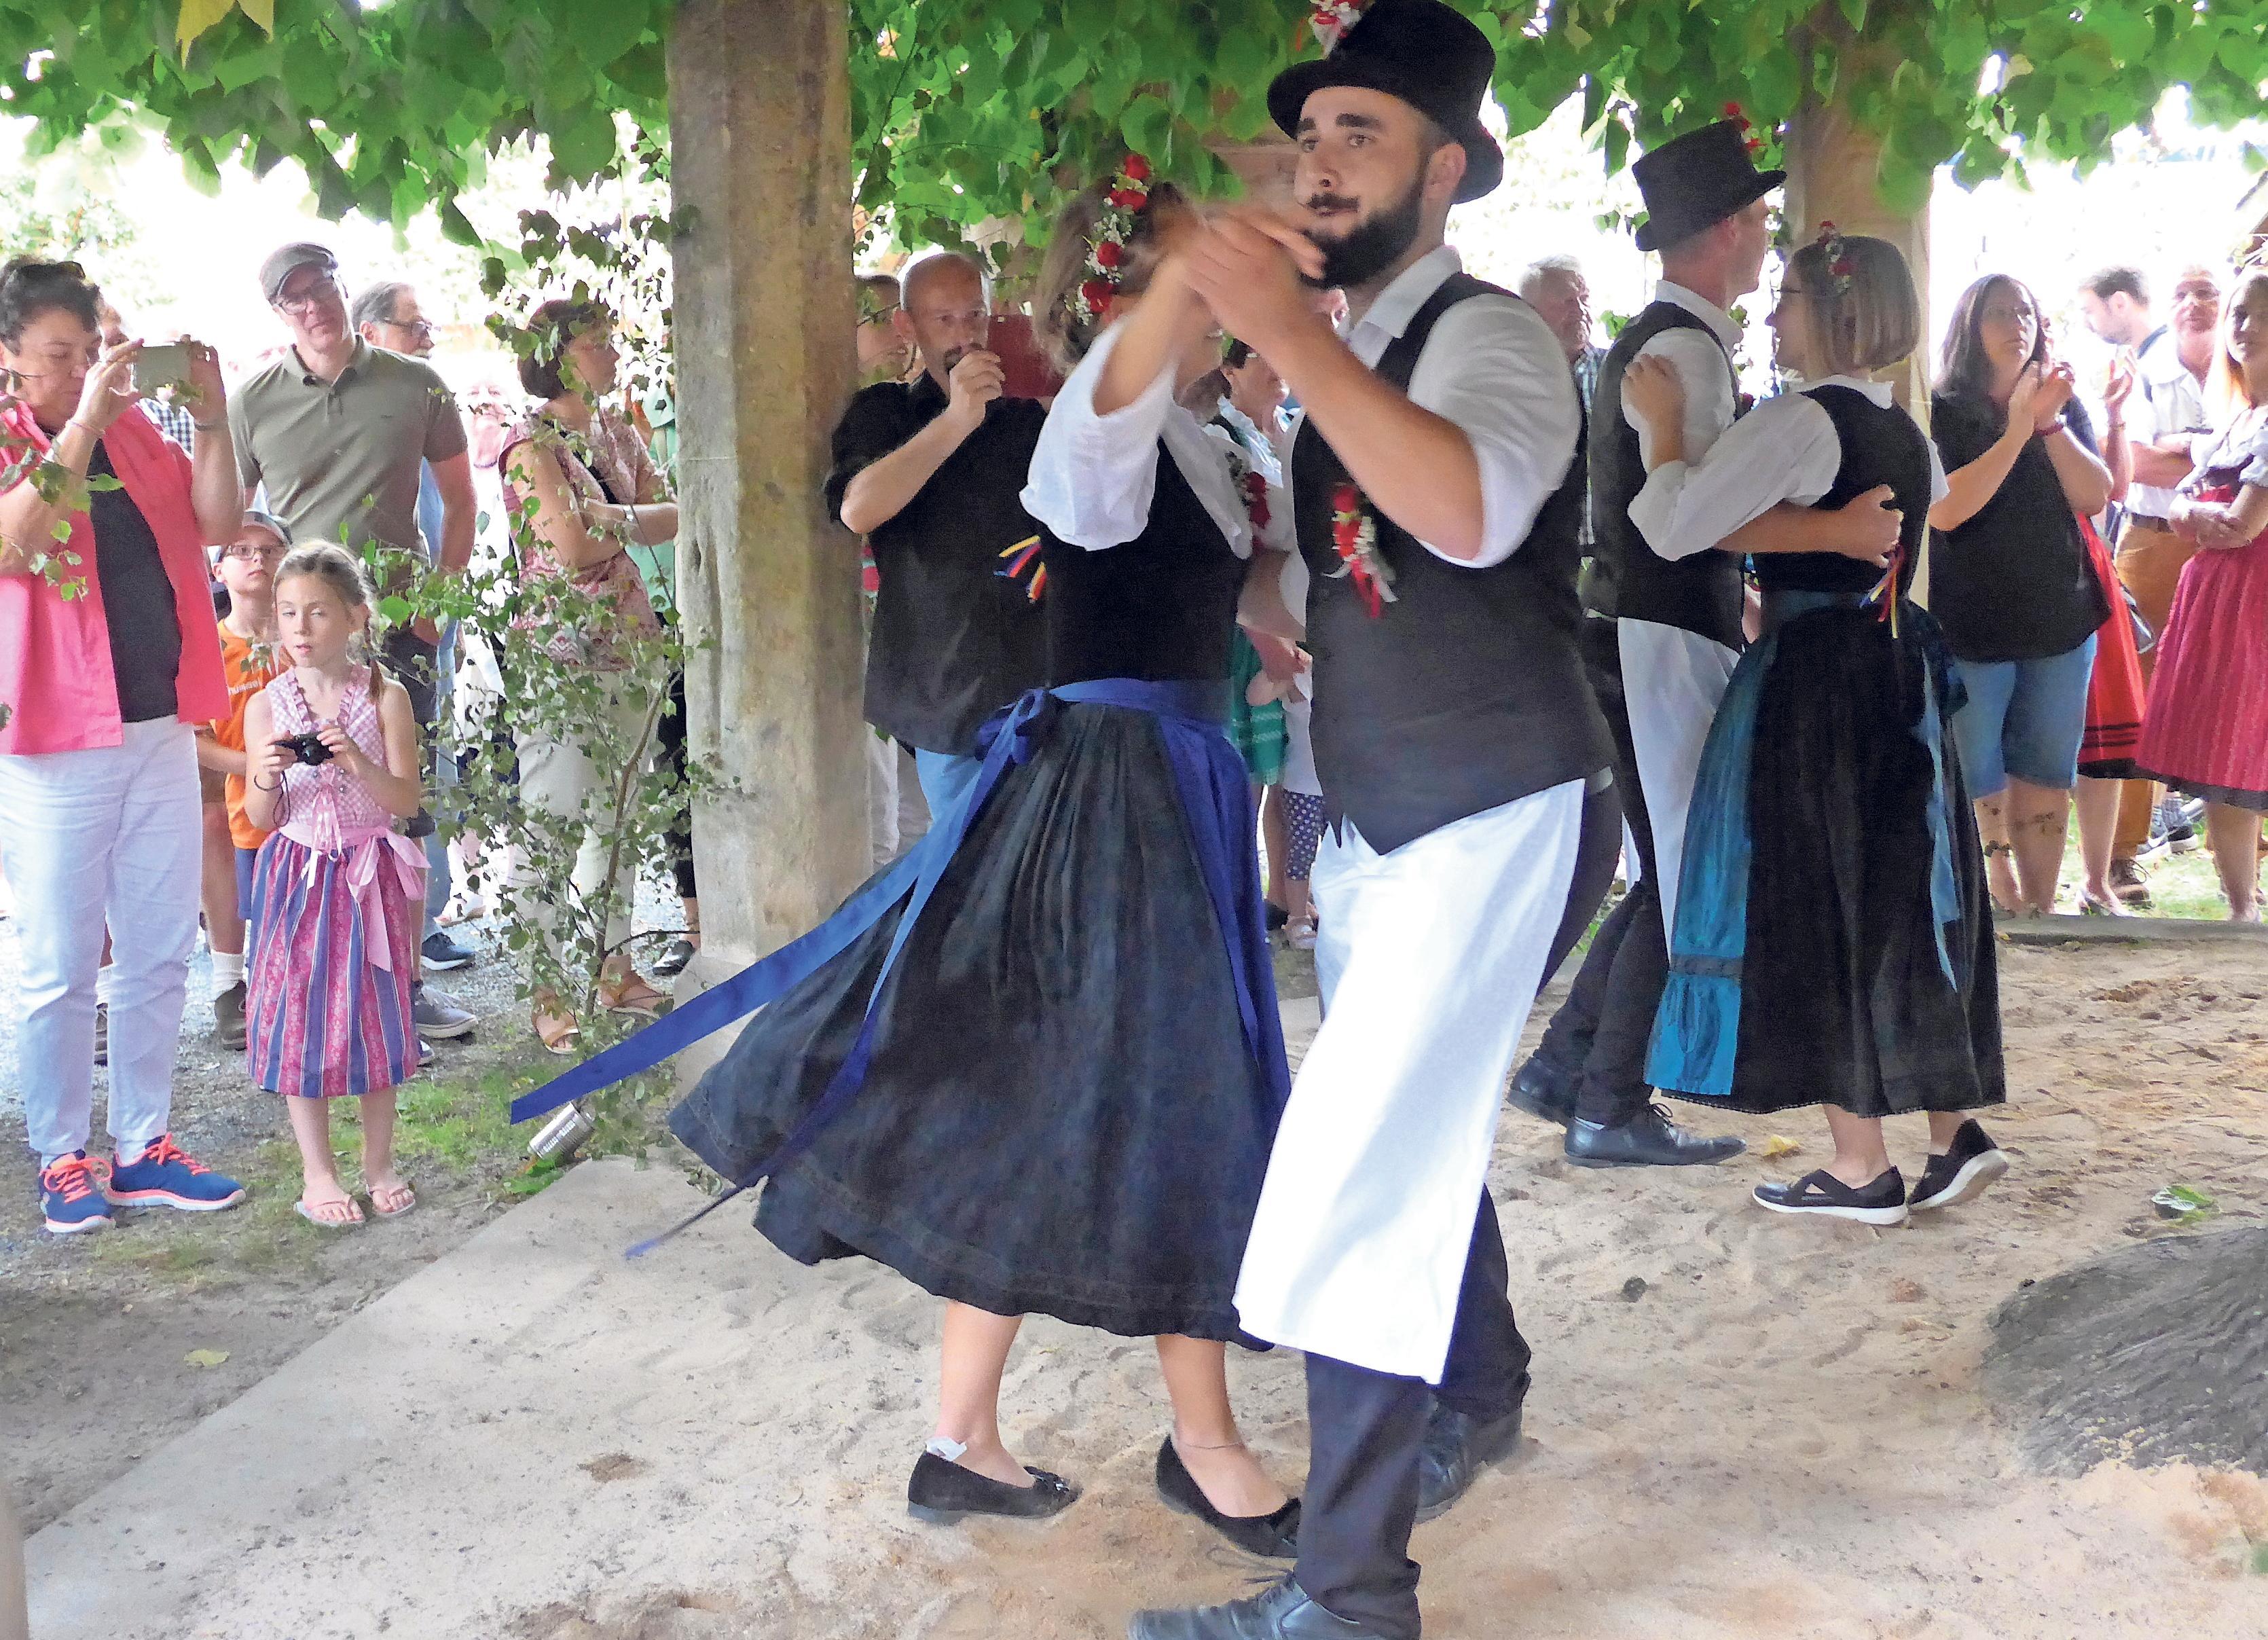 Nach alter Tradition tanzen die vier Platzpaare unter der Limmersdorfer Linde. Foto: Heike Schwandt